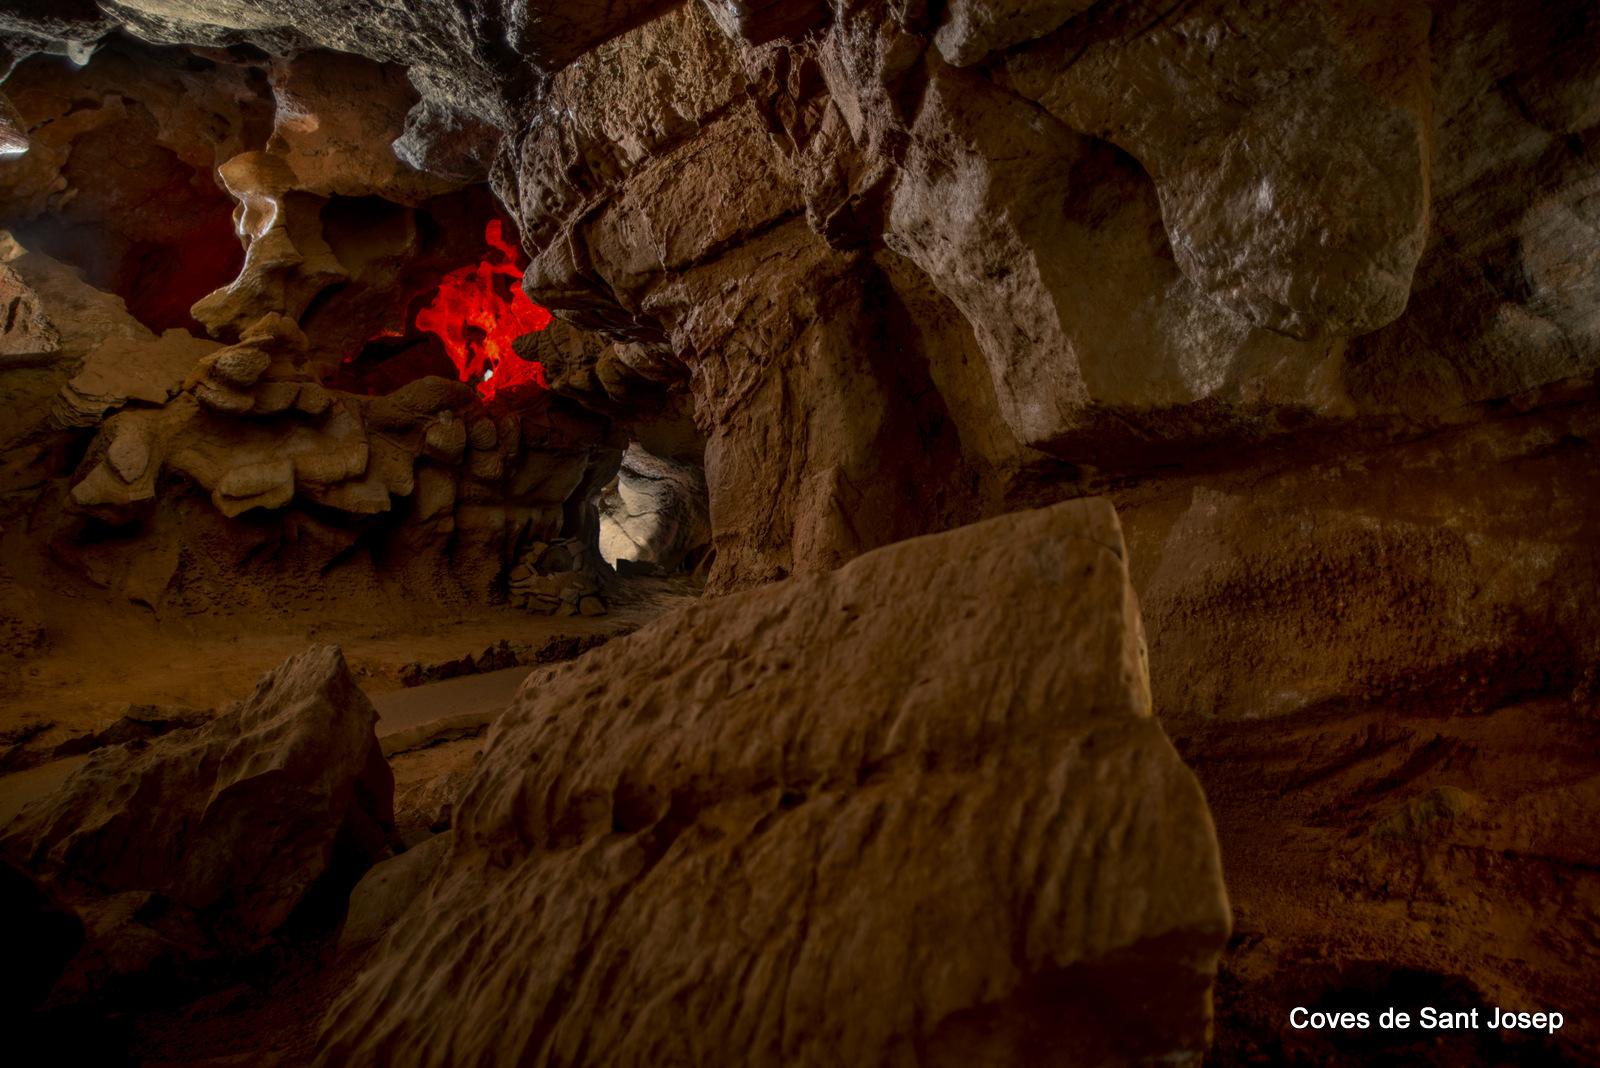 Cara del diablo Galeria seca Coves de Sant Josep